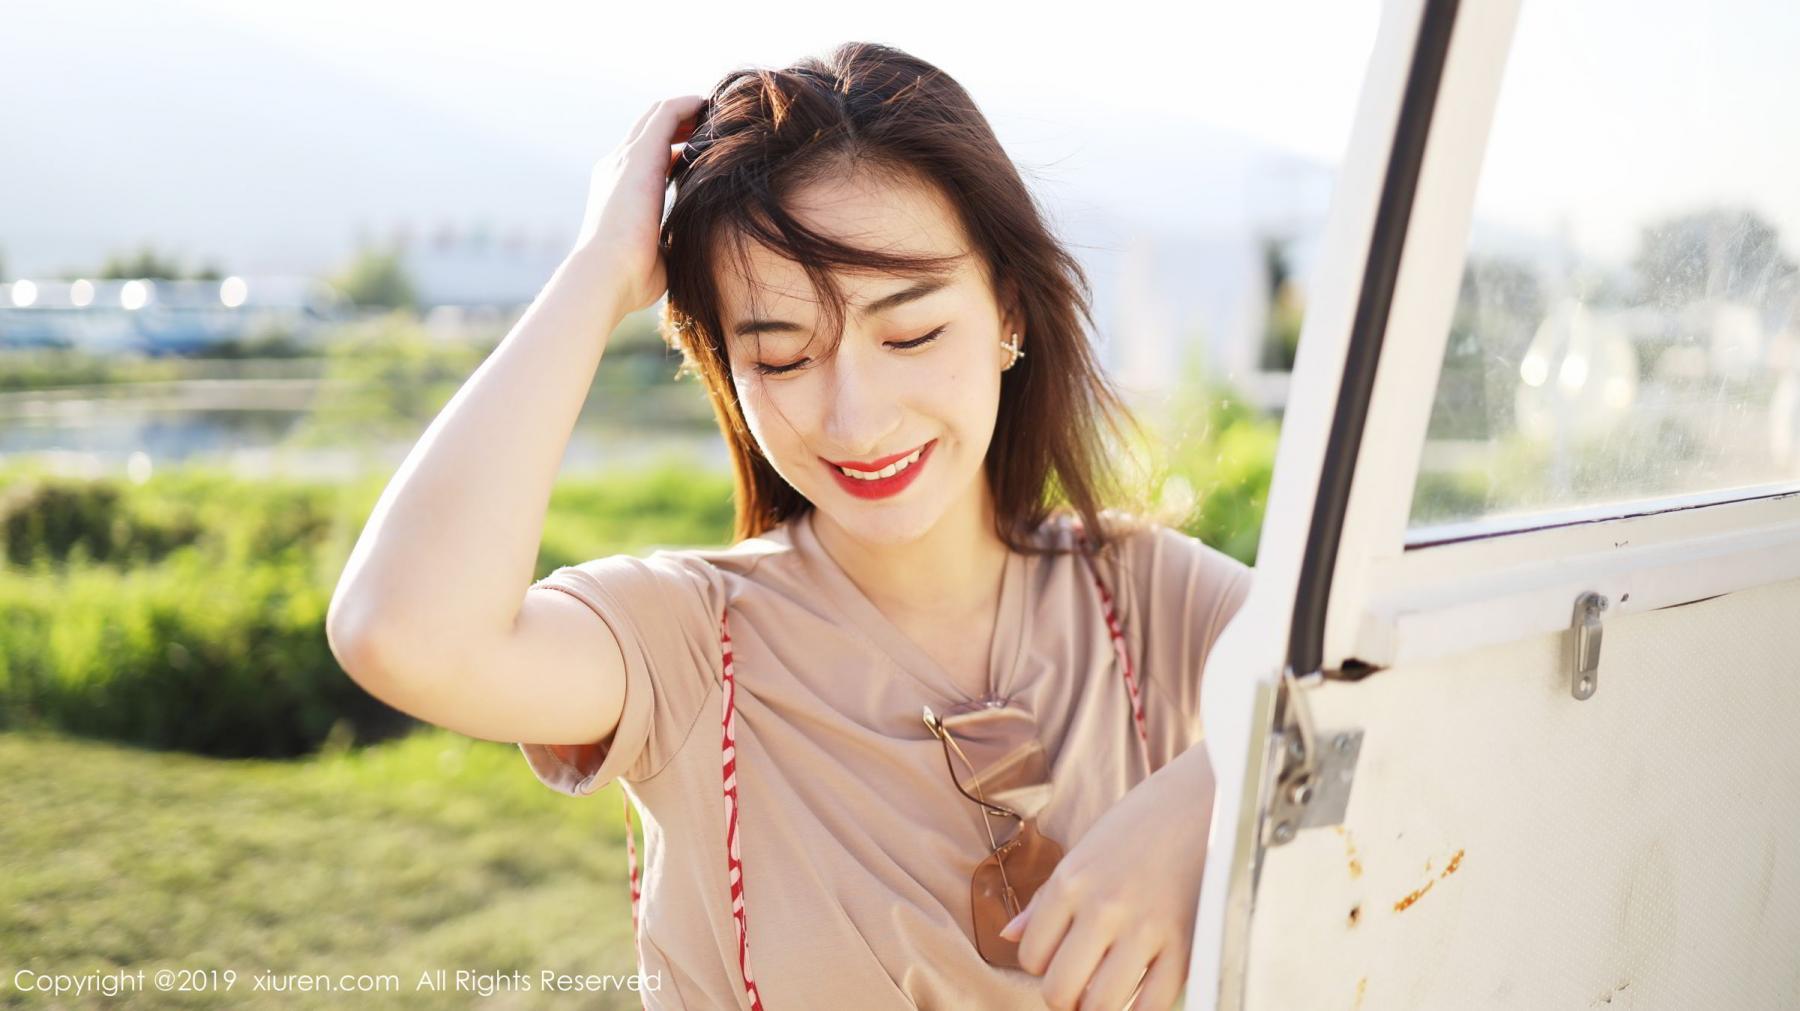 [XiuRen] Vol.1718 Gong Tian Yi 19P, Gong Tian Yi, Outdoor, Temperament, Xiuren